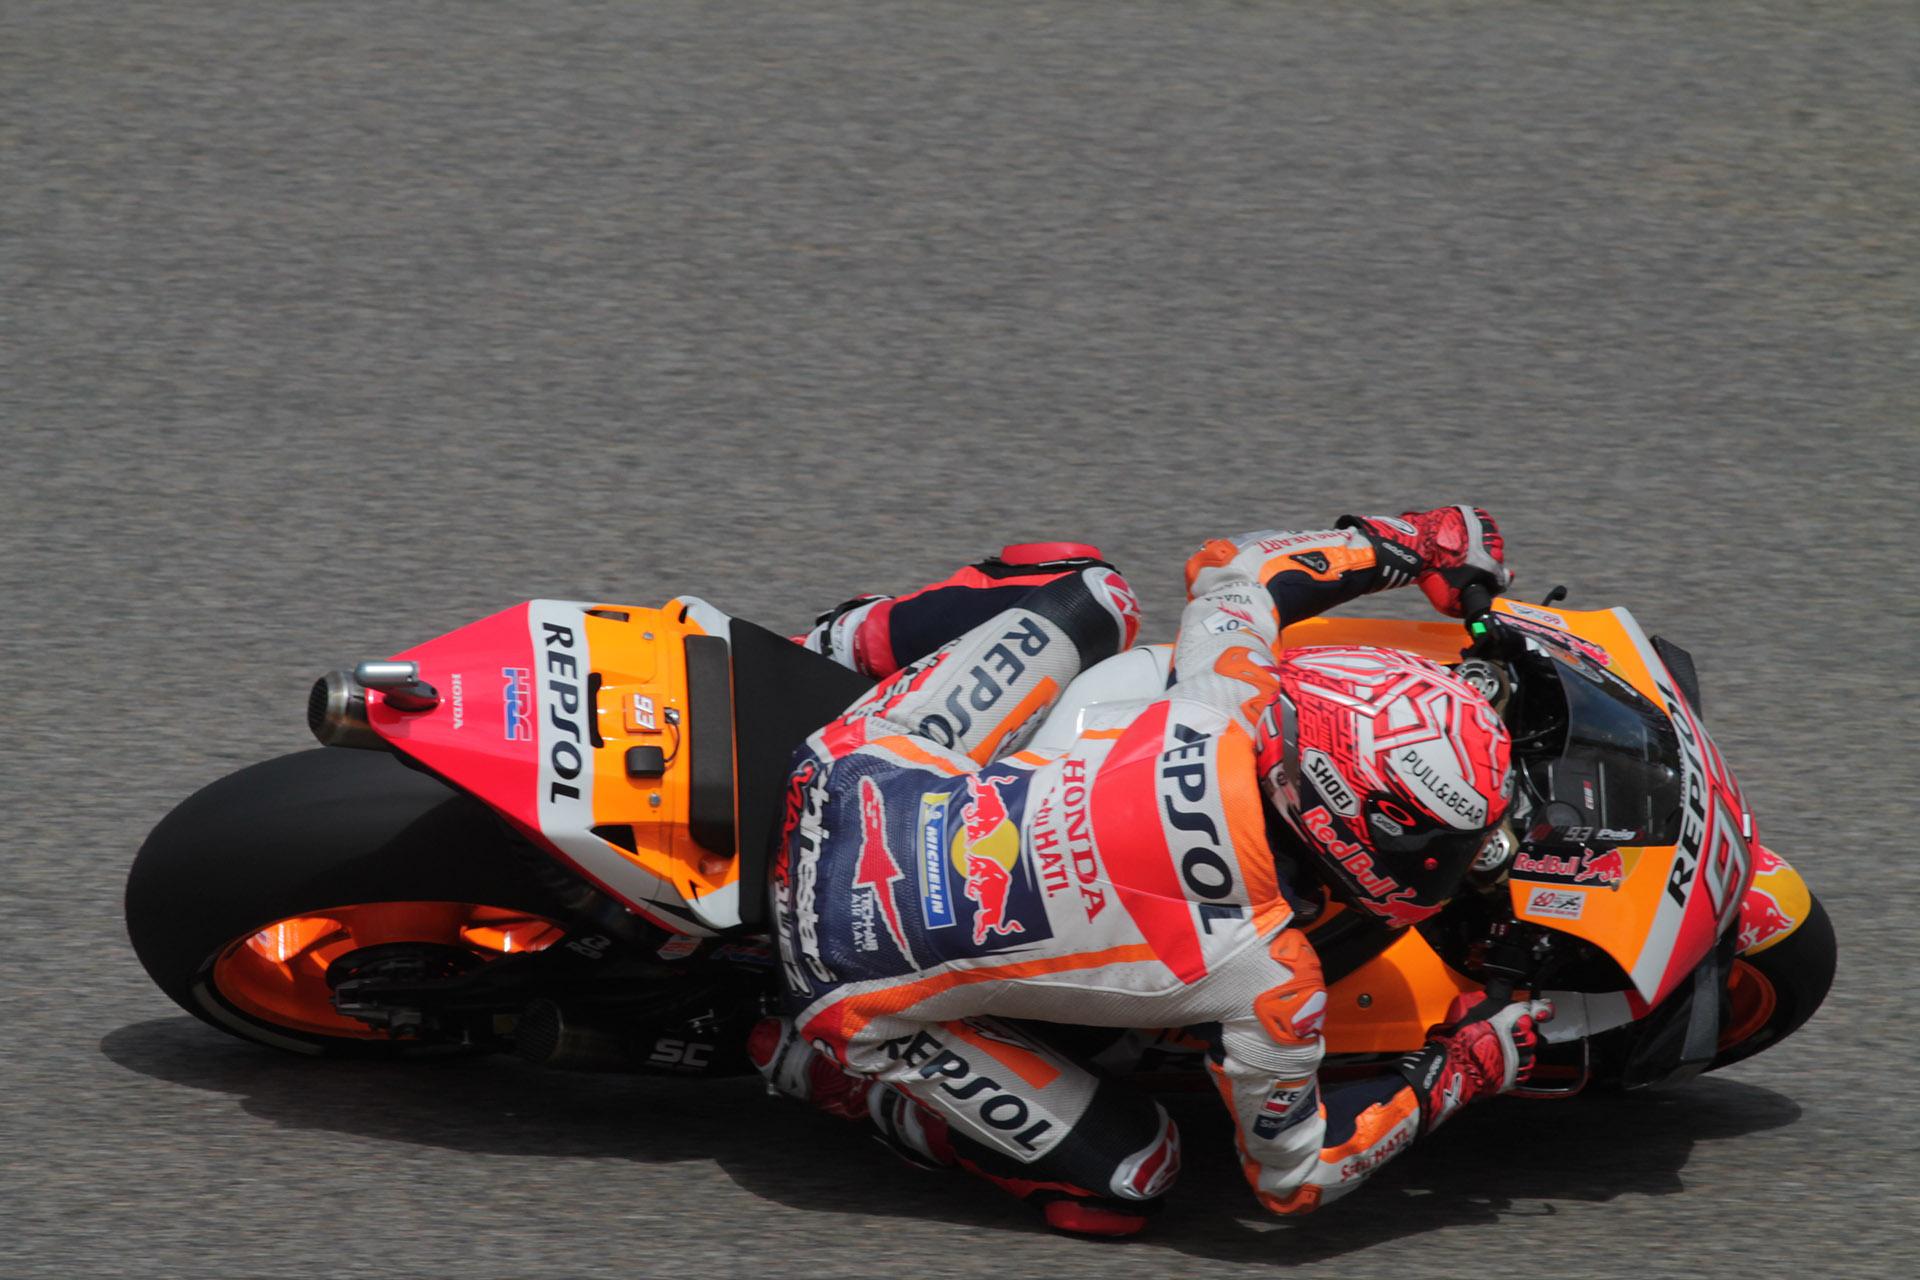 Der Spanier Marc Marquez (Honda) siegte in Thailand und wurde zum achten Mal Weltmeister